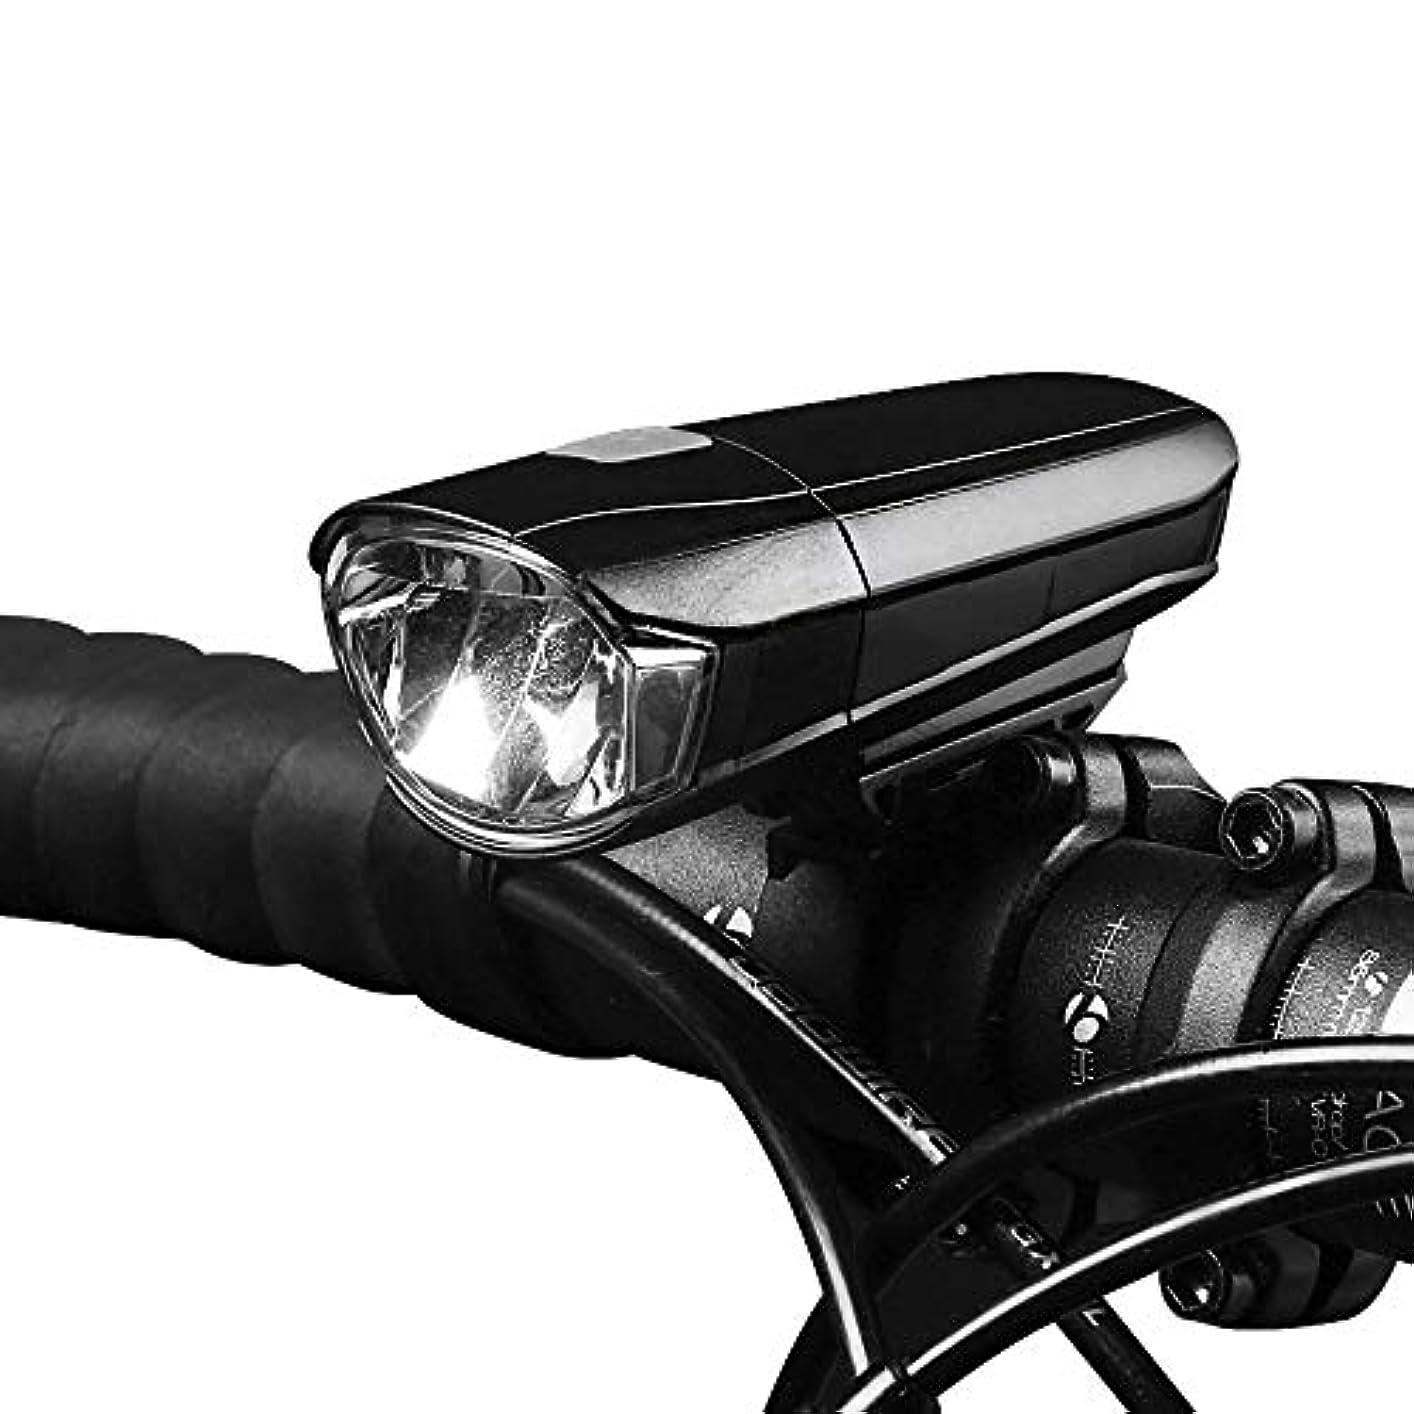 革命的支配的病Okiiting 自転車用ライトセットスーパーブライトUSB充電式自転車ライト防水マウンテンロード自転車用ライト充電式USB自転車用ヘッドライト自転車用ヘッドライトストロングライト自転車用ライト防水自転車用ライト長寿命 うまく設計された (Color : Black)